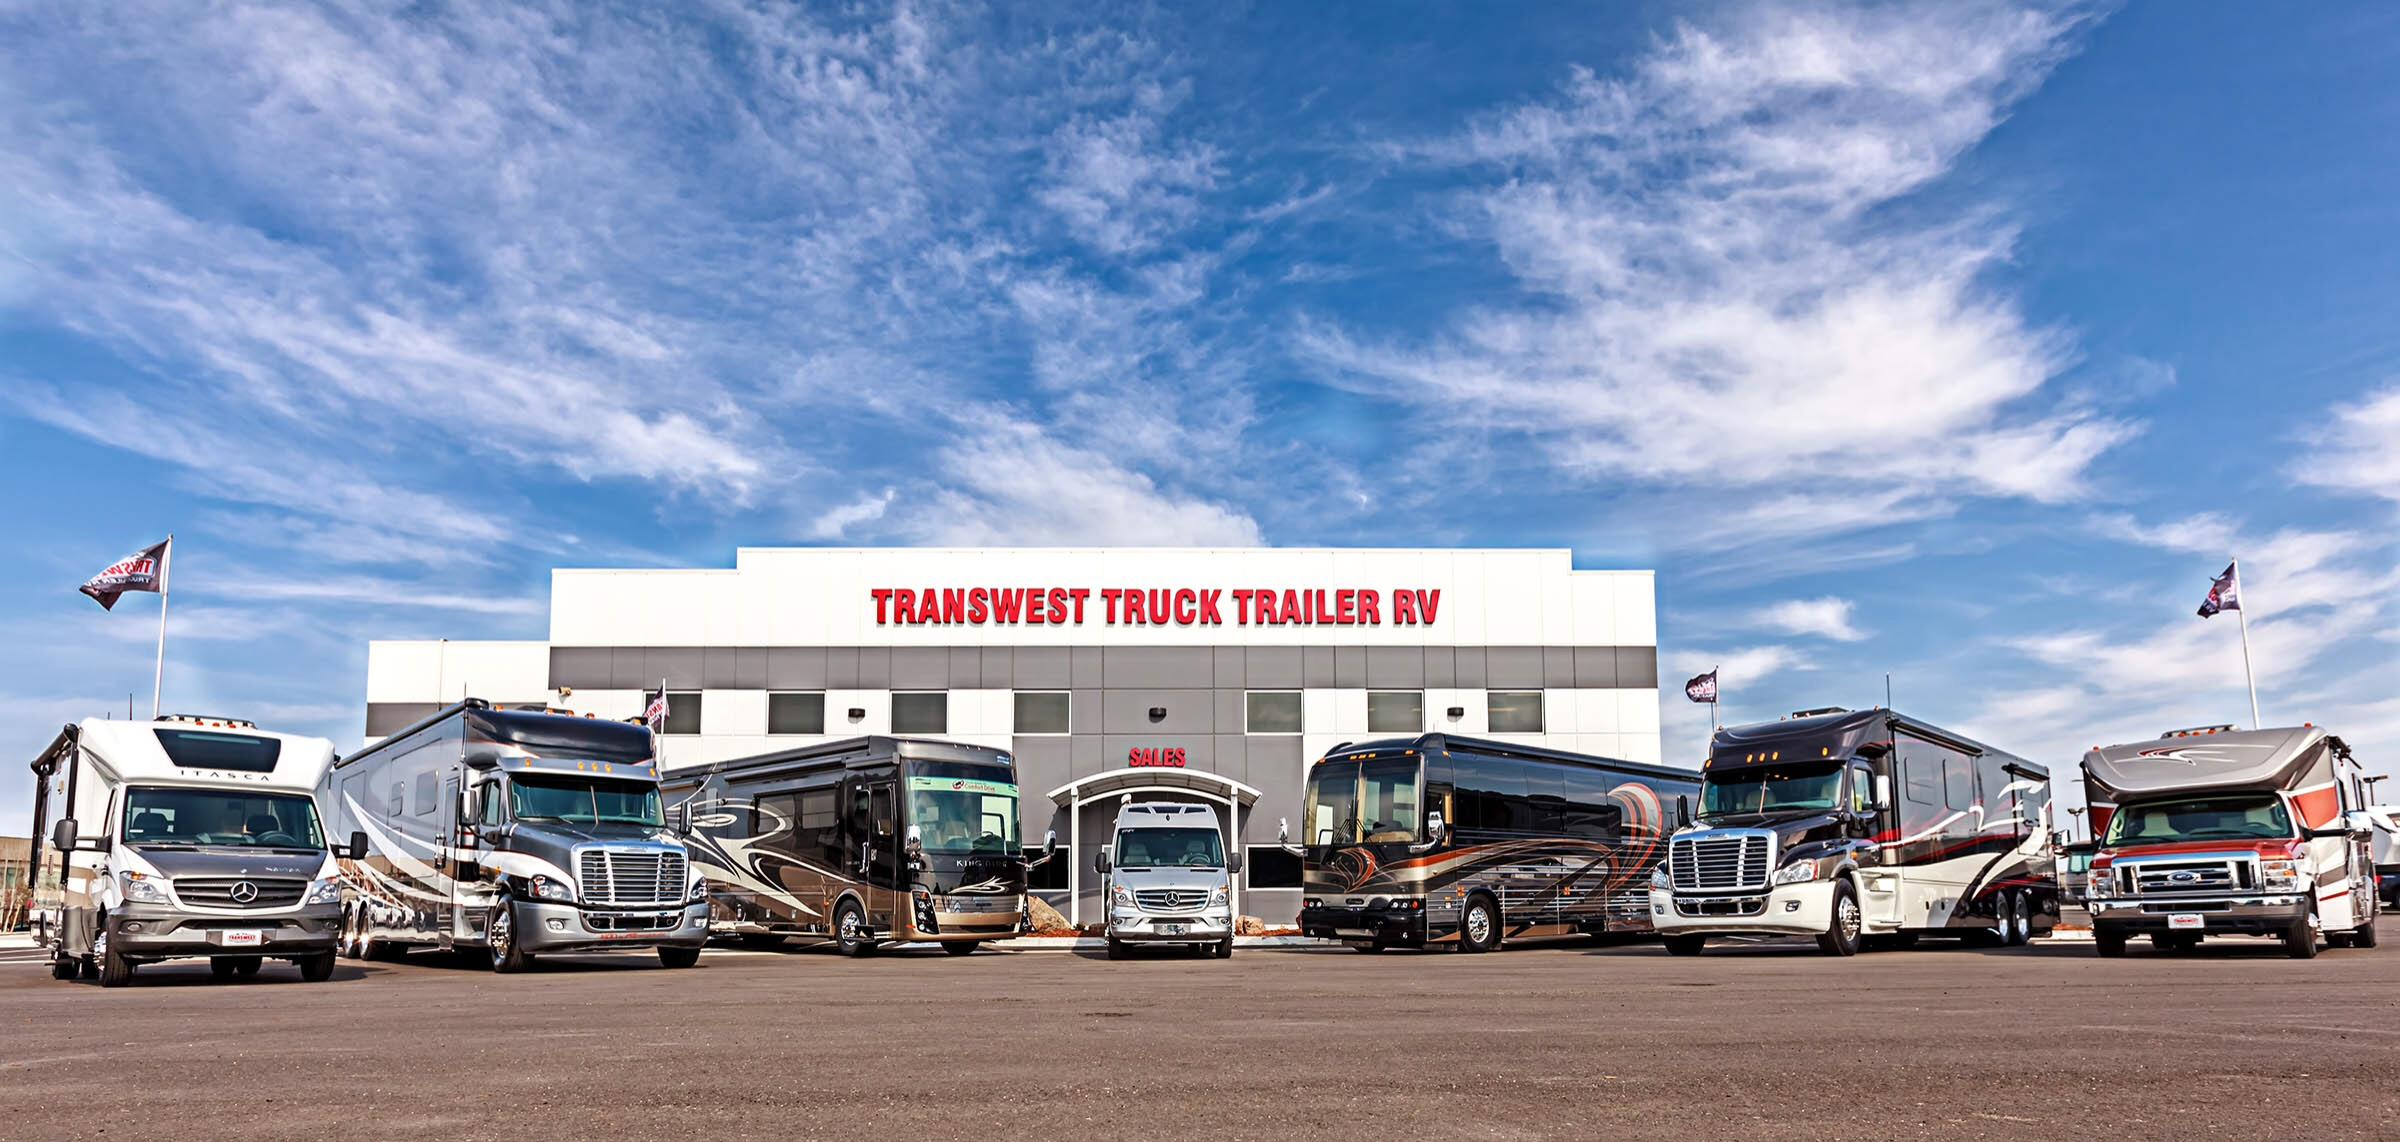 Colorado S Transwest Truck Trailer Rv Announces The Grand